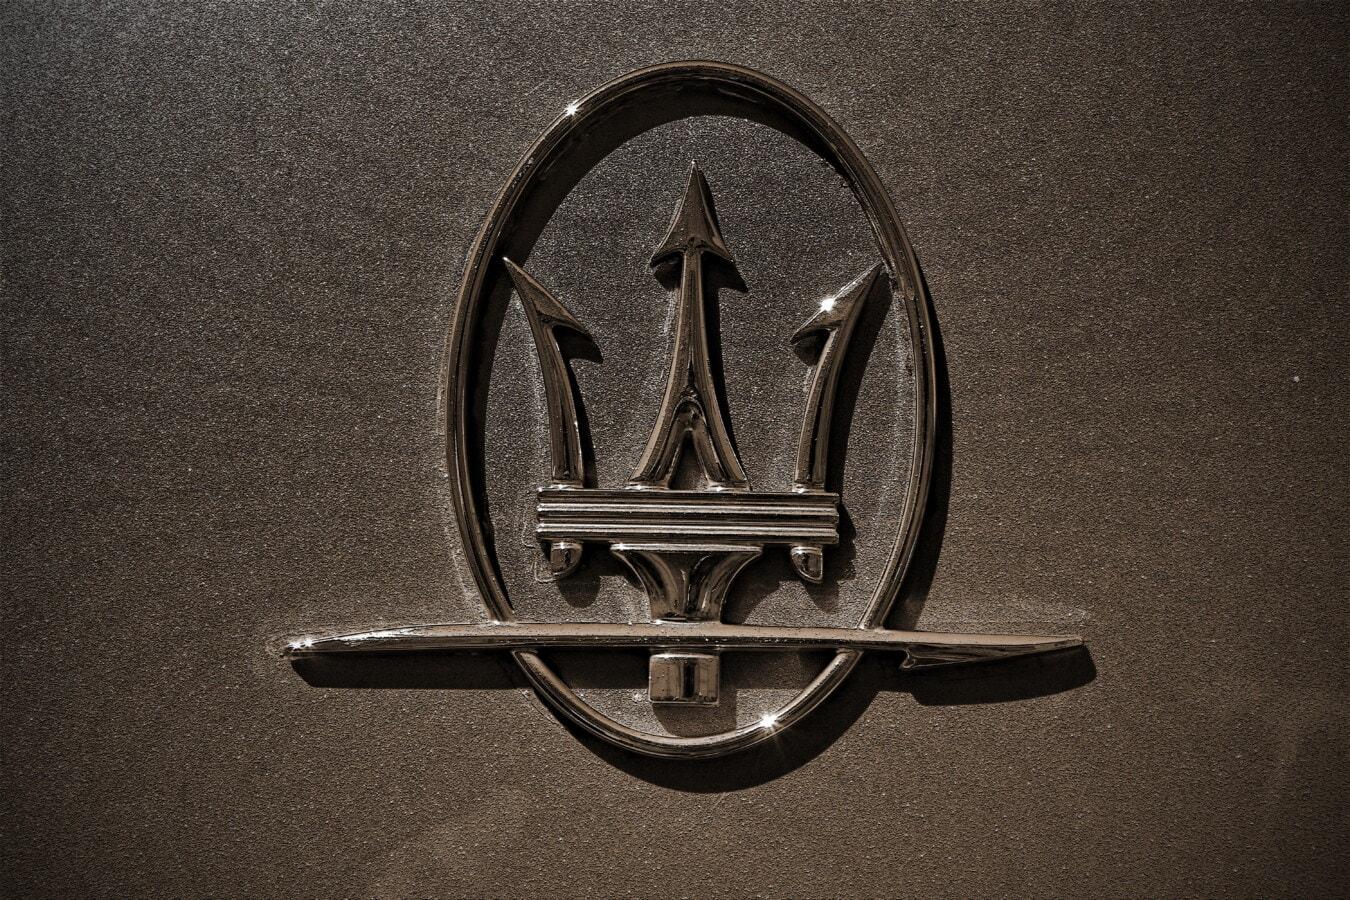 Maserati, Sepia, Symbol, glänzend, Zeichen, glänzend, Schatten, Chrom, metallische, Metall, Textur